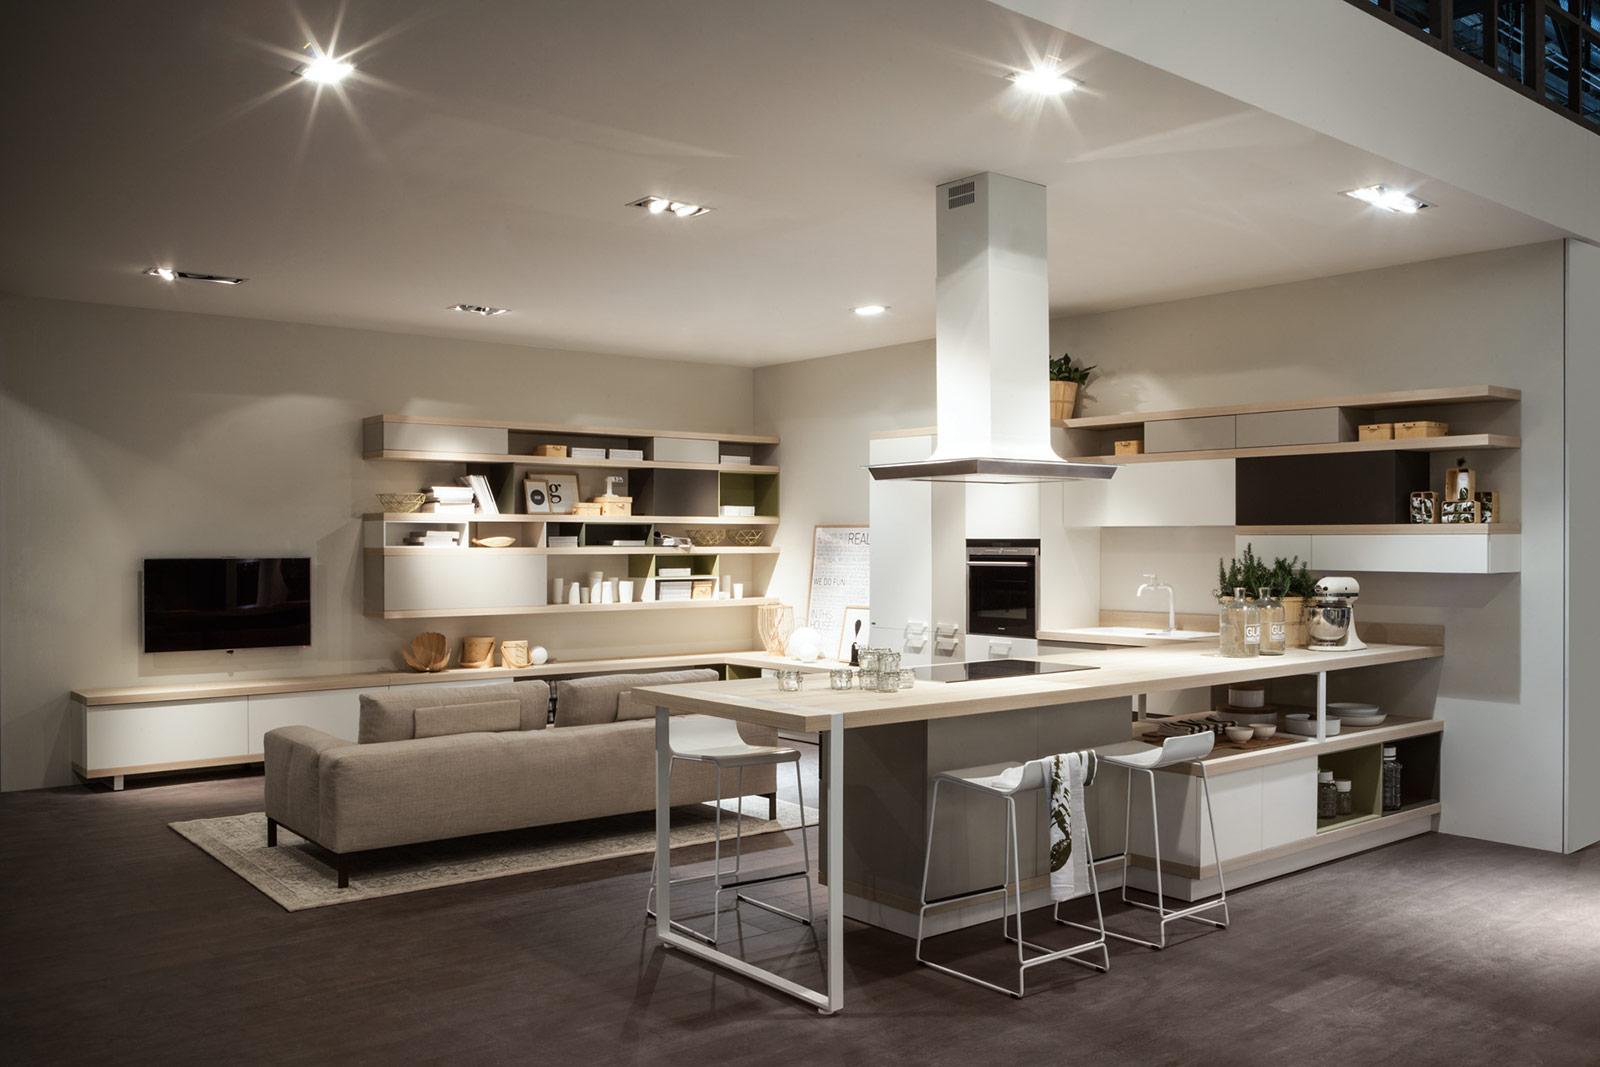 Progettare Casa Online: consigli per progettare la ...